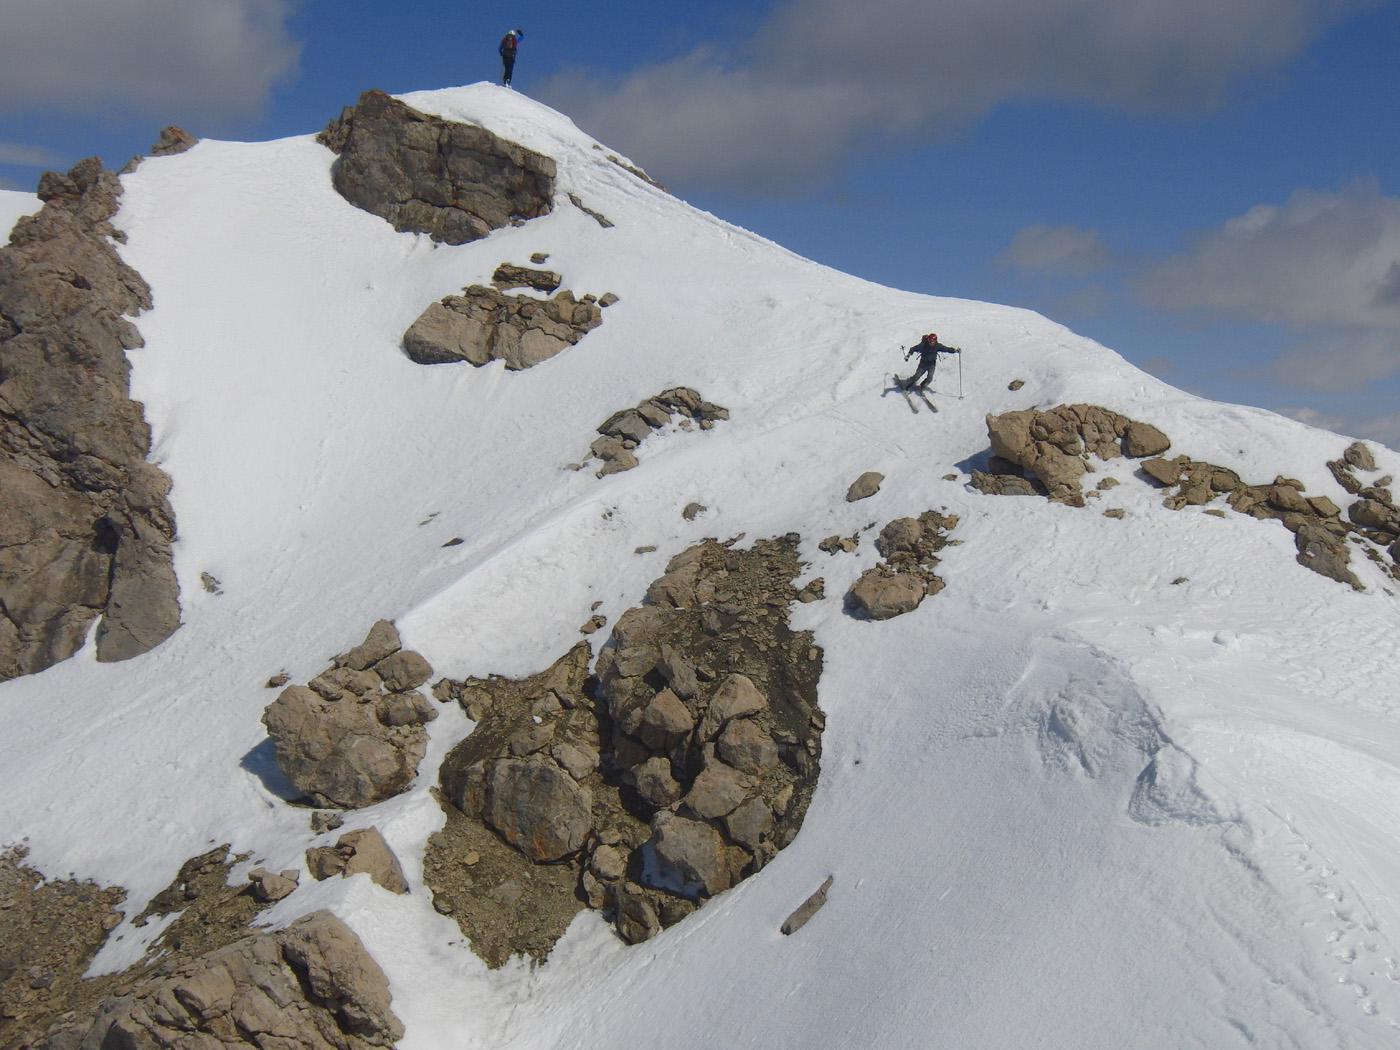 Partenza dalla cima sciistica